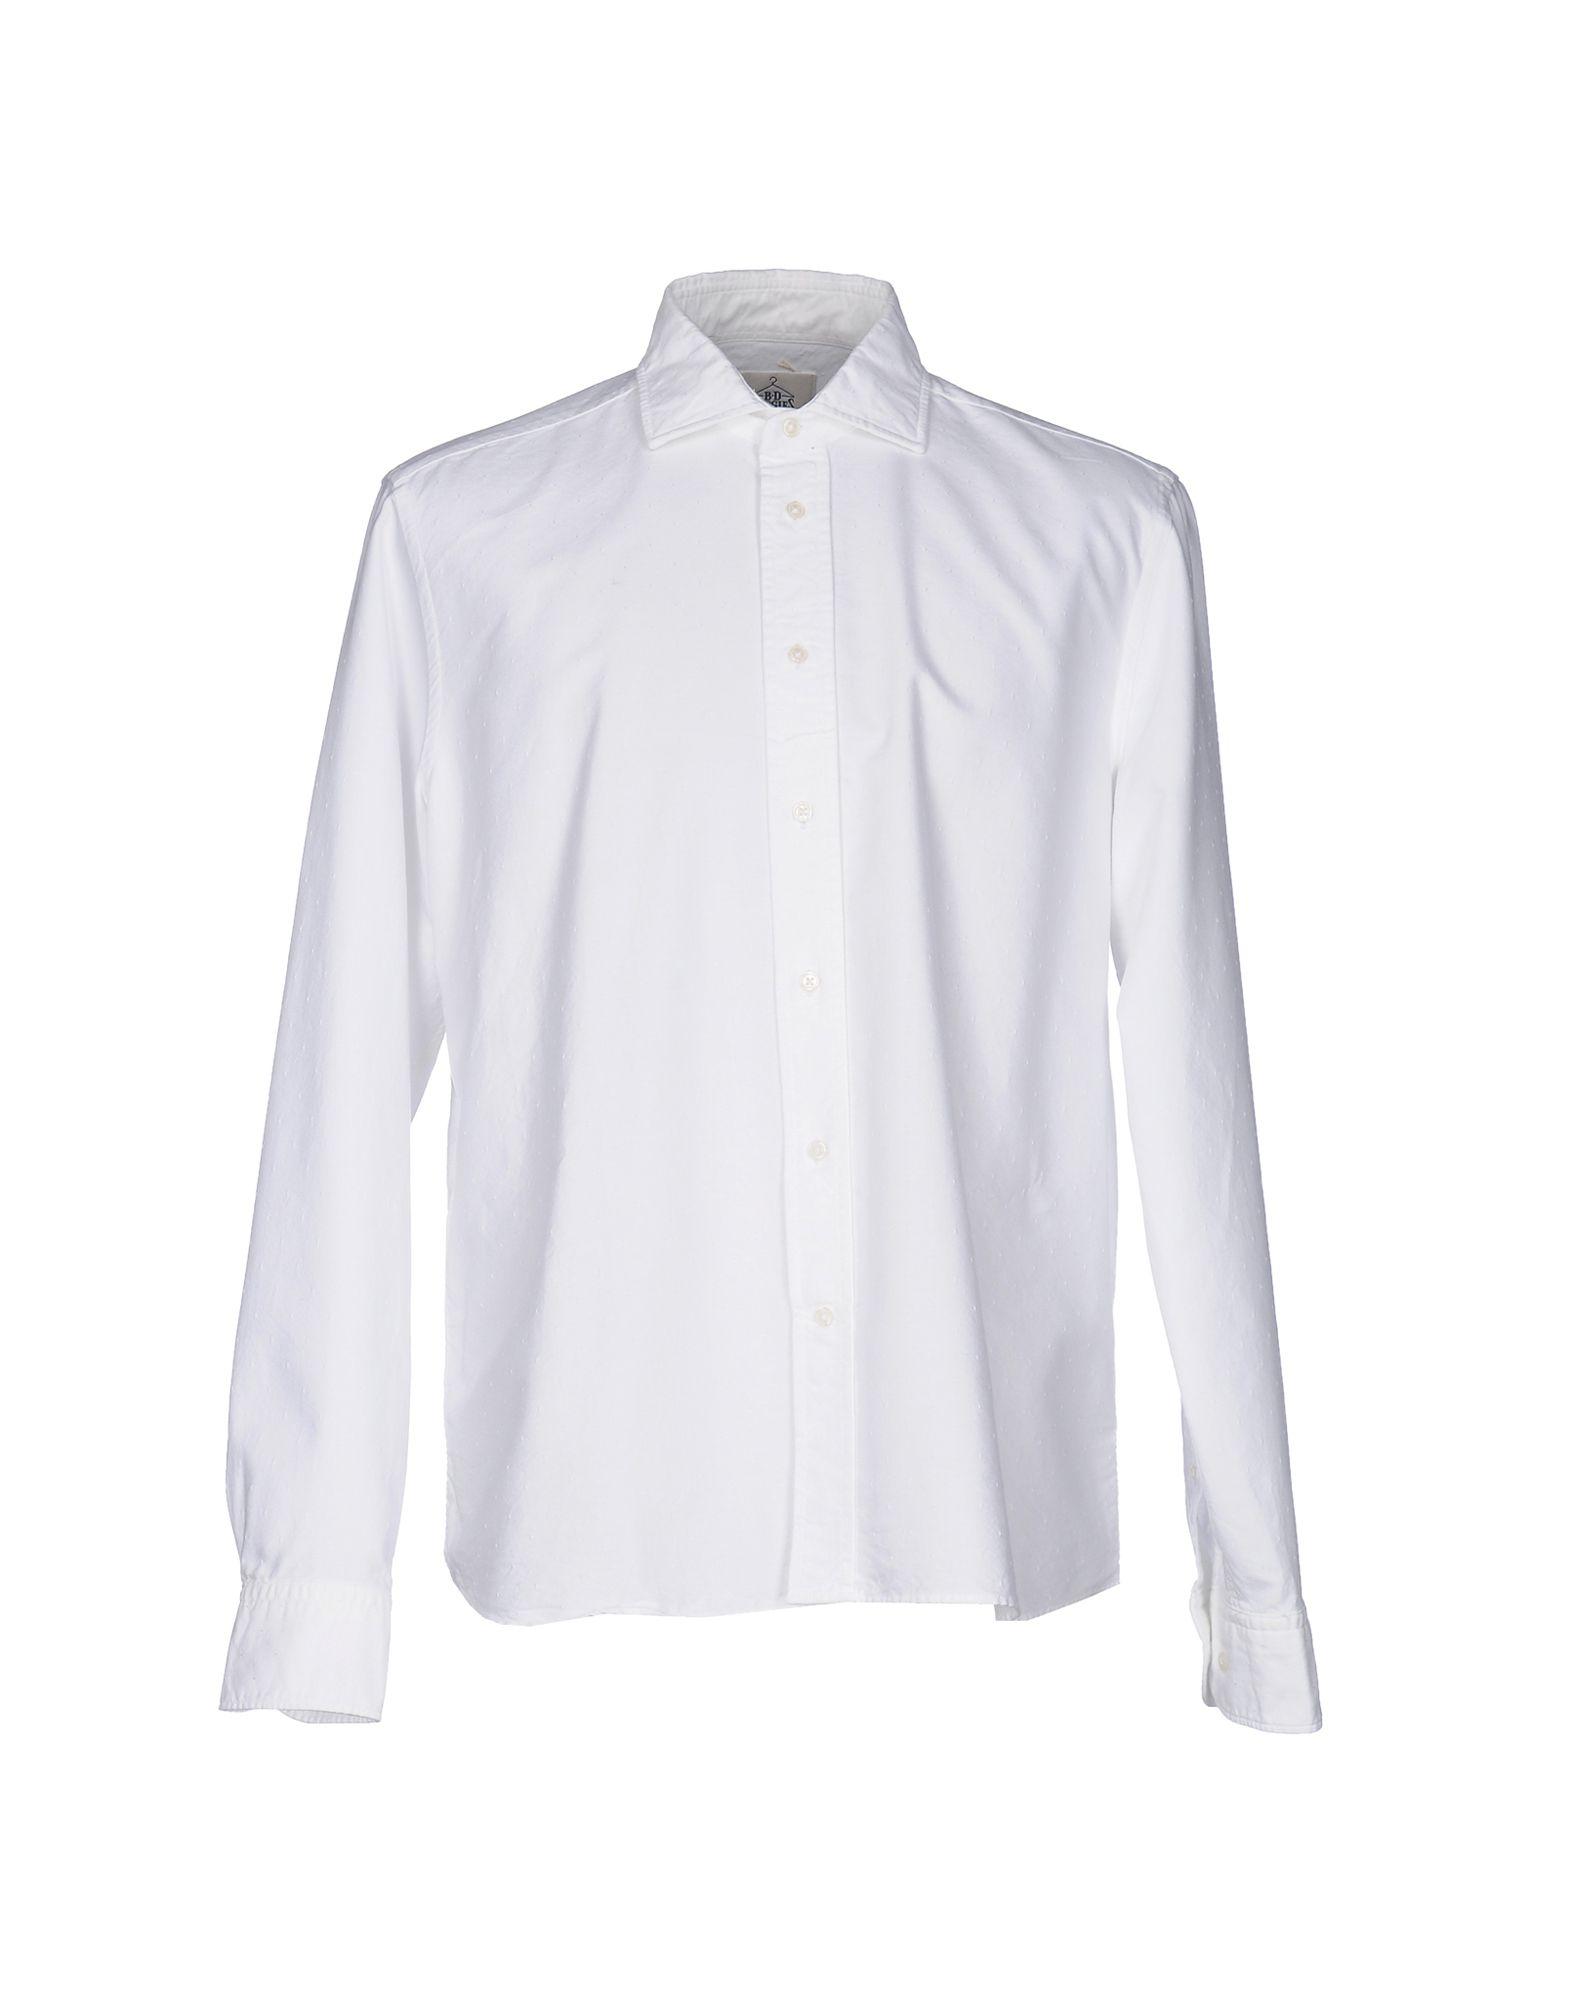 《送料無料》B.D.BAGGIES メンズ シャツ ホワイト S コットン 100%